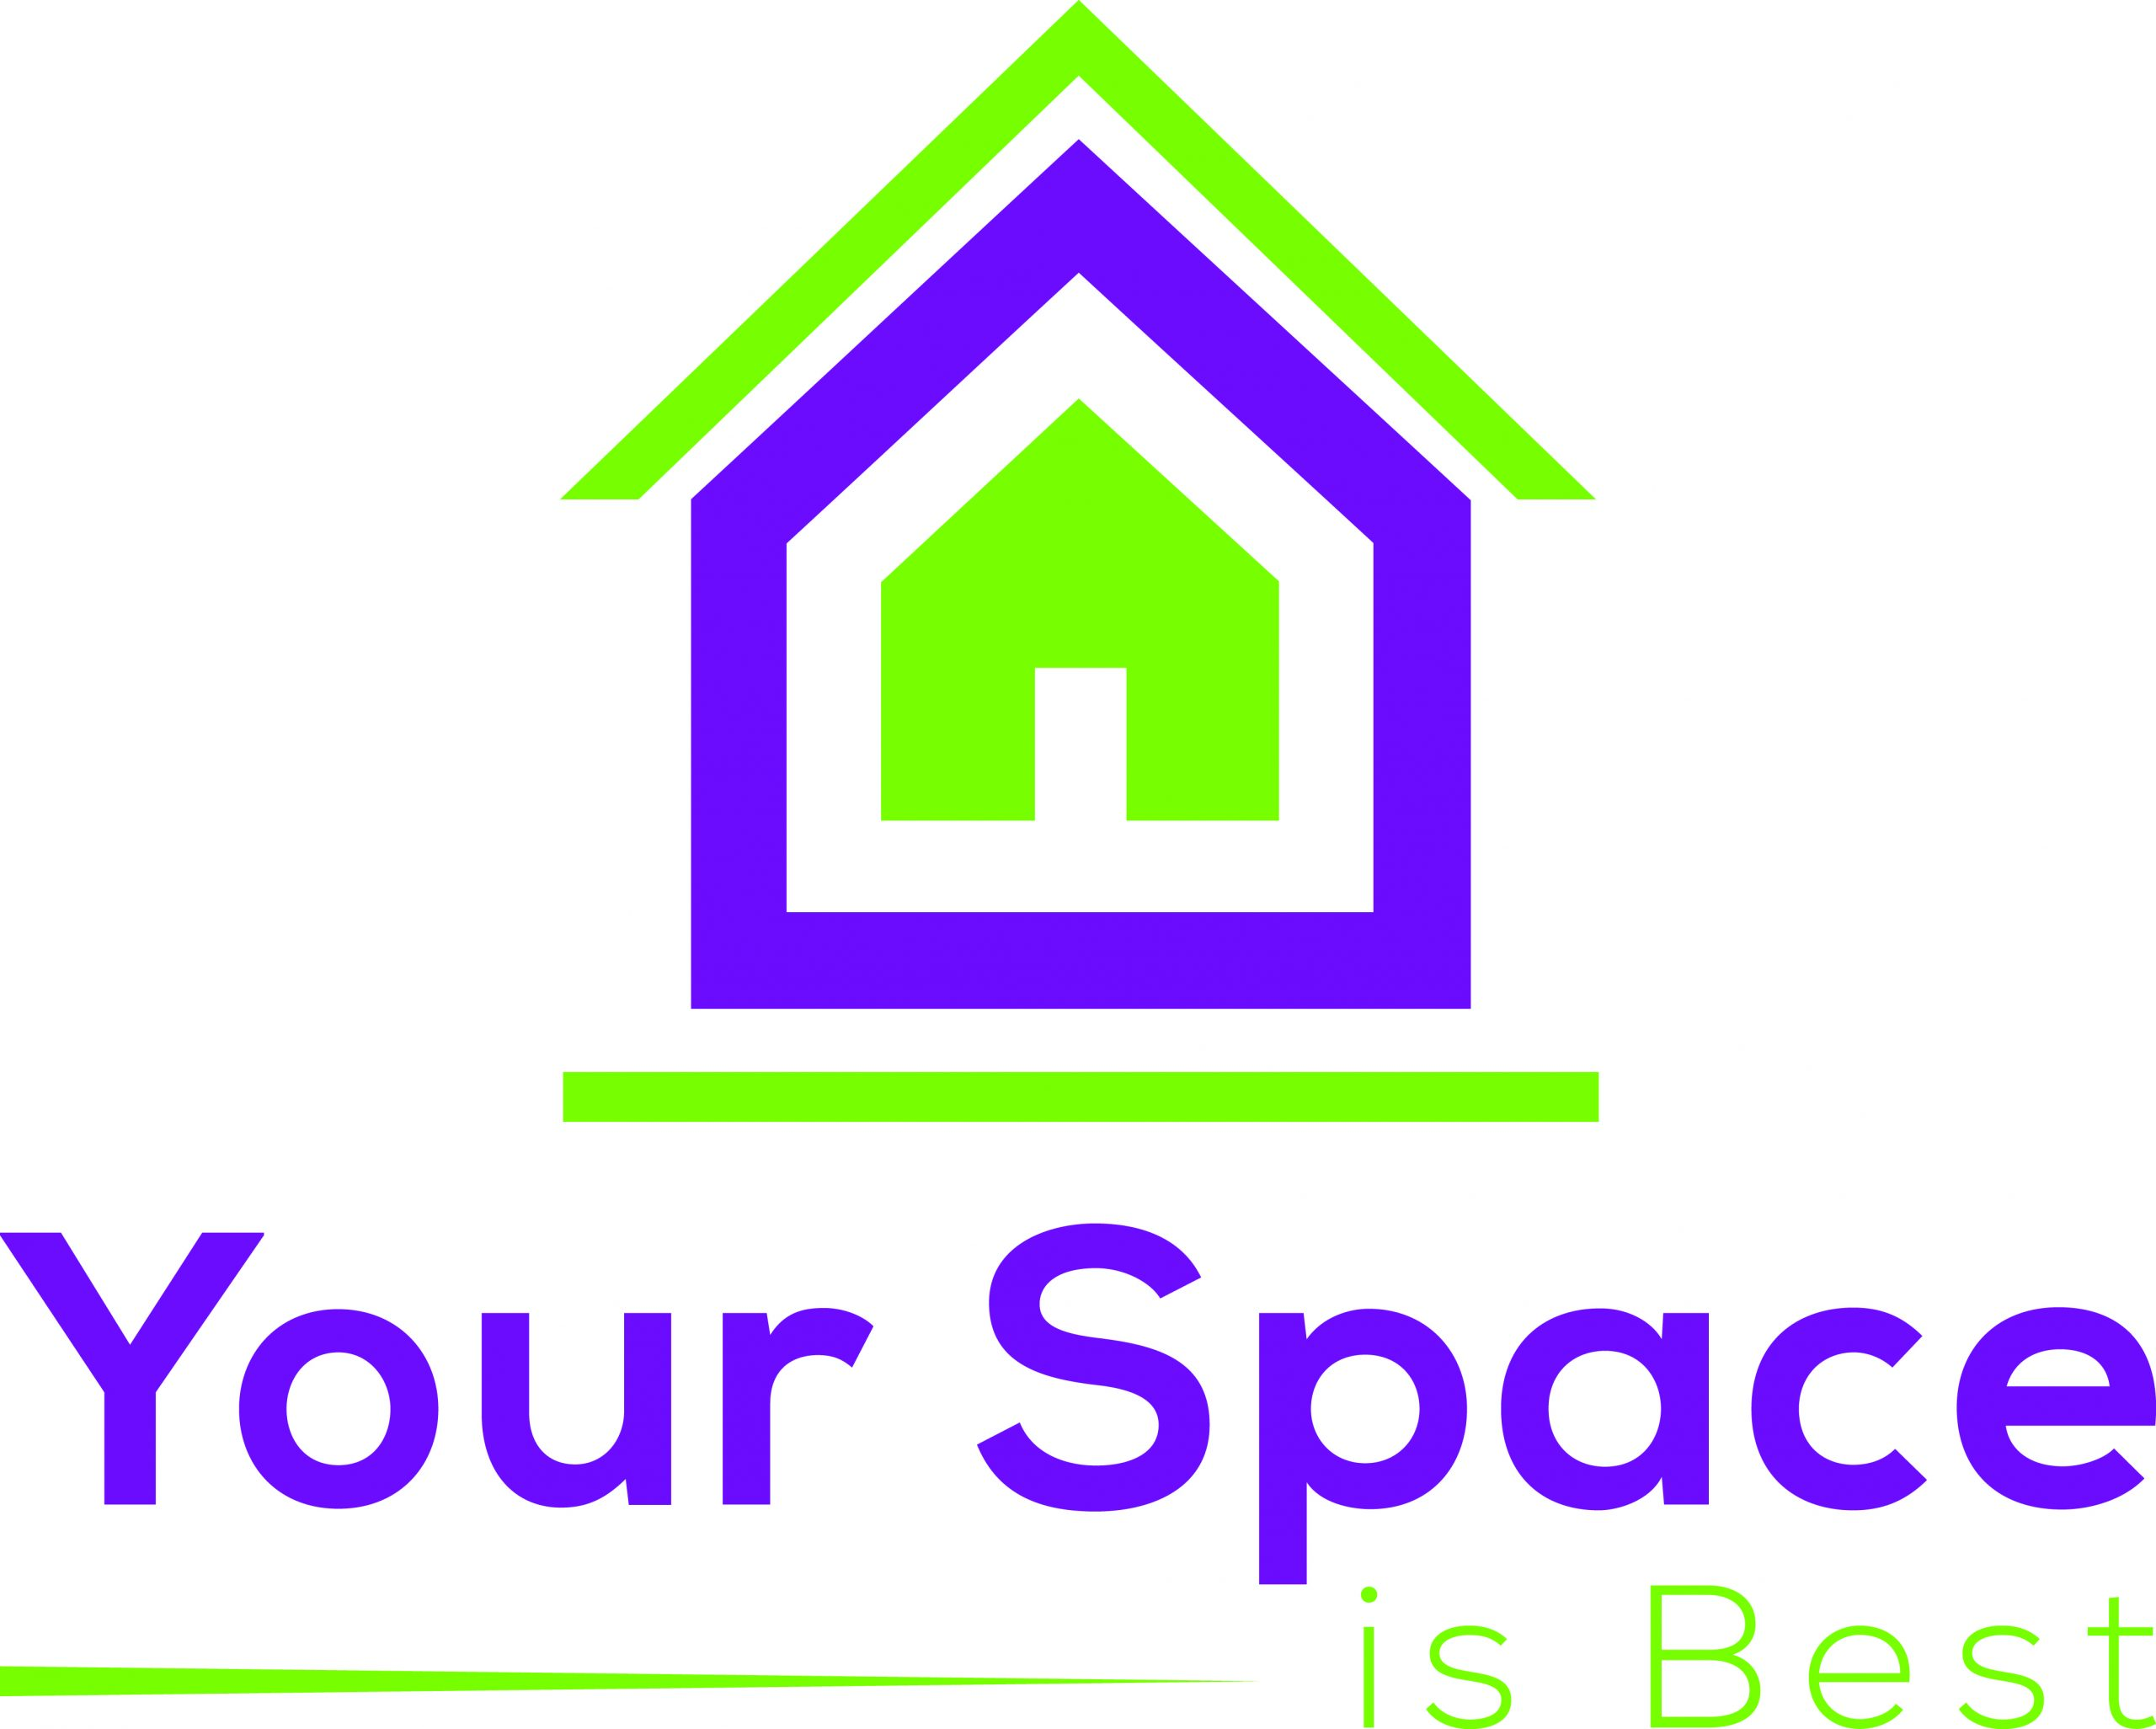 YourSpaceisBest